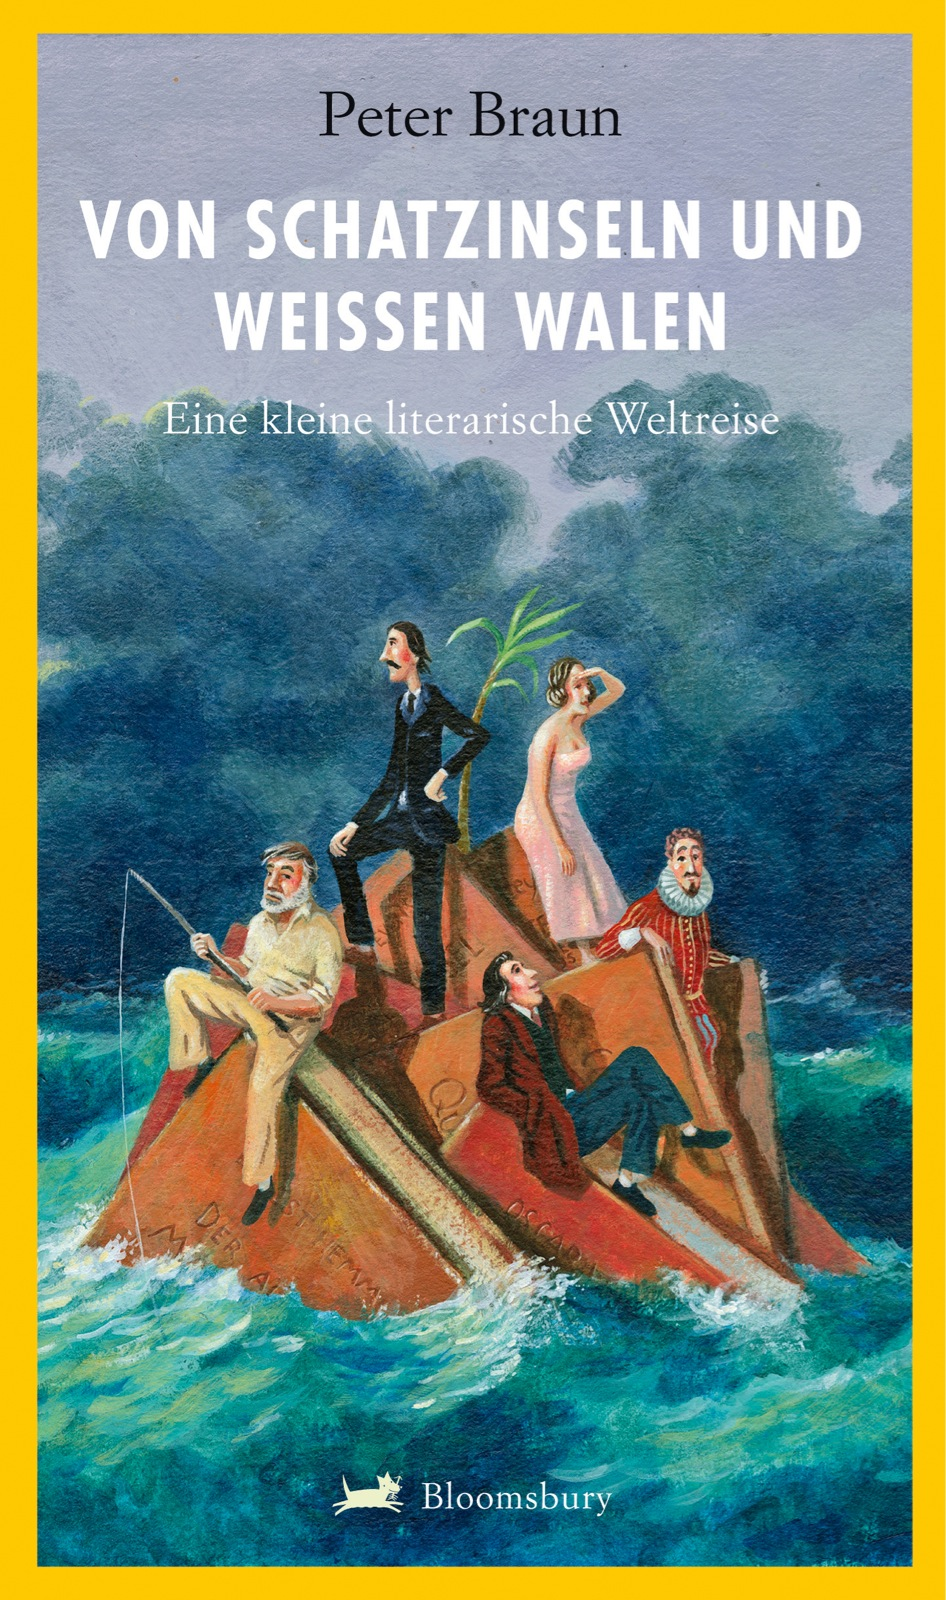 Von Schatzinseln und weißen Walen: Eine kleine literarische Weltreise - Peter Braun